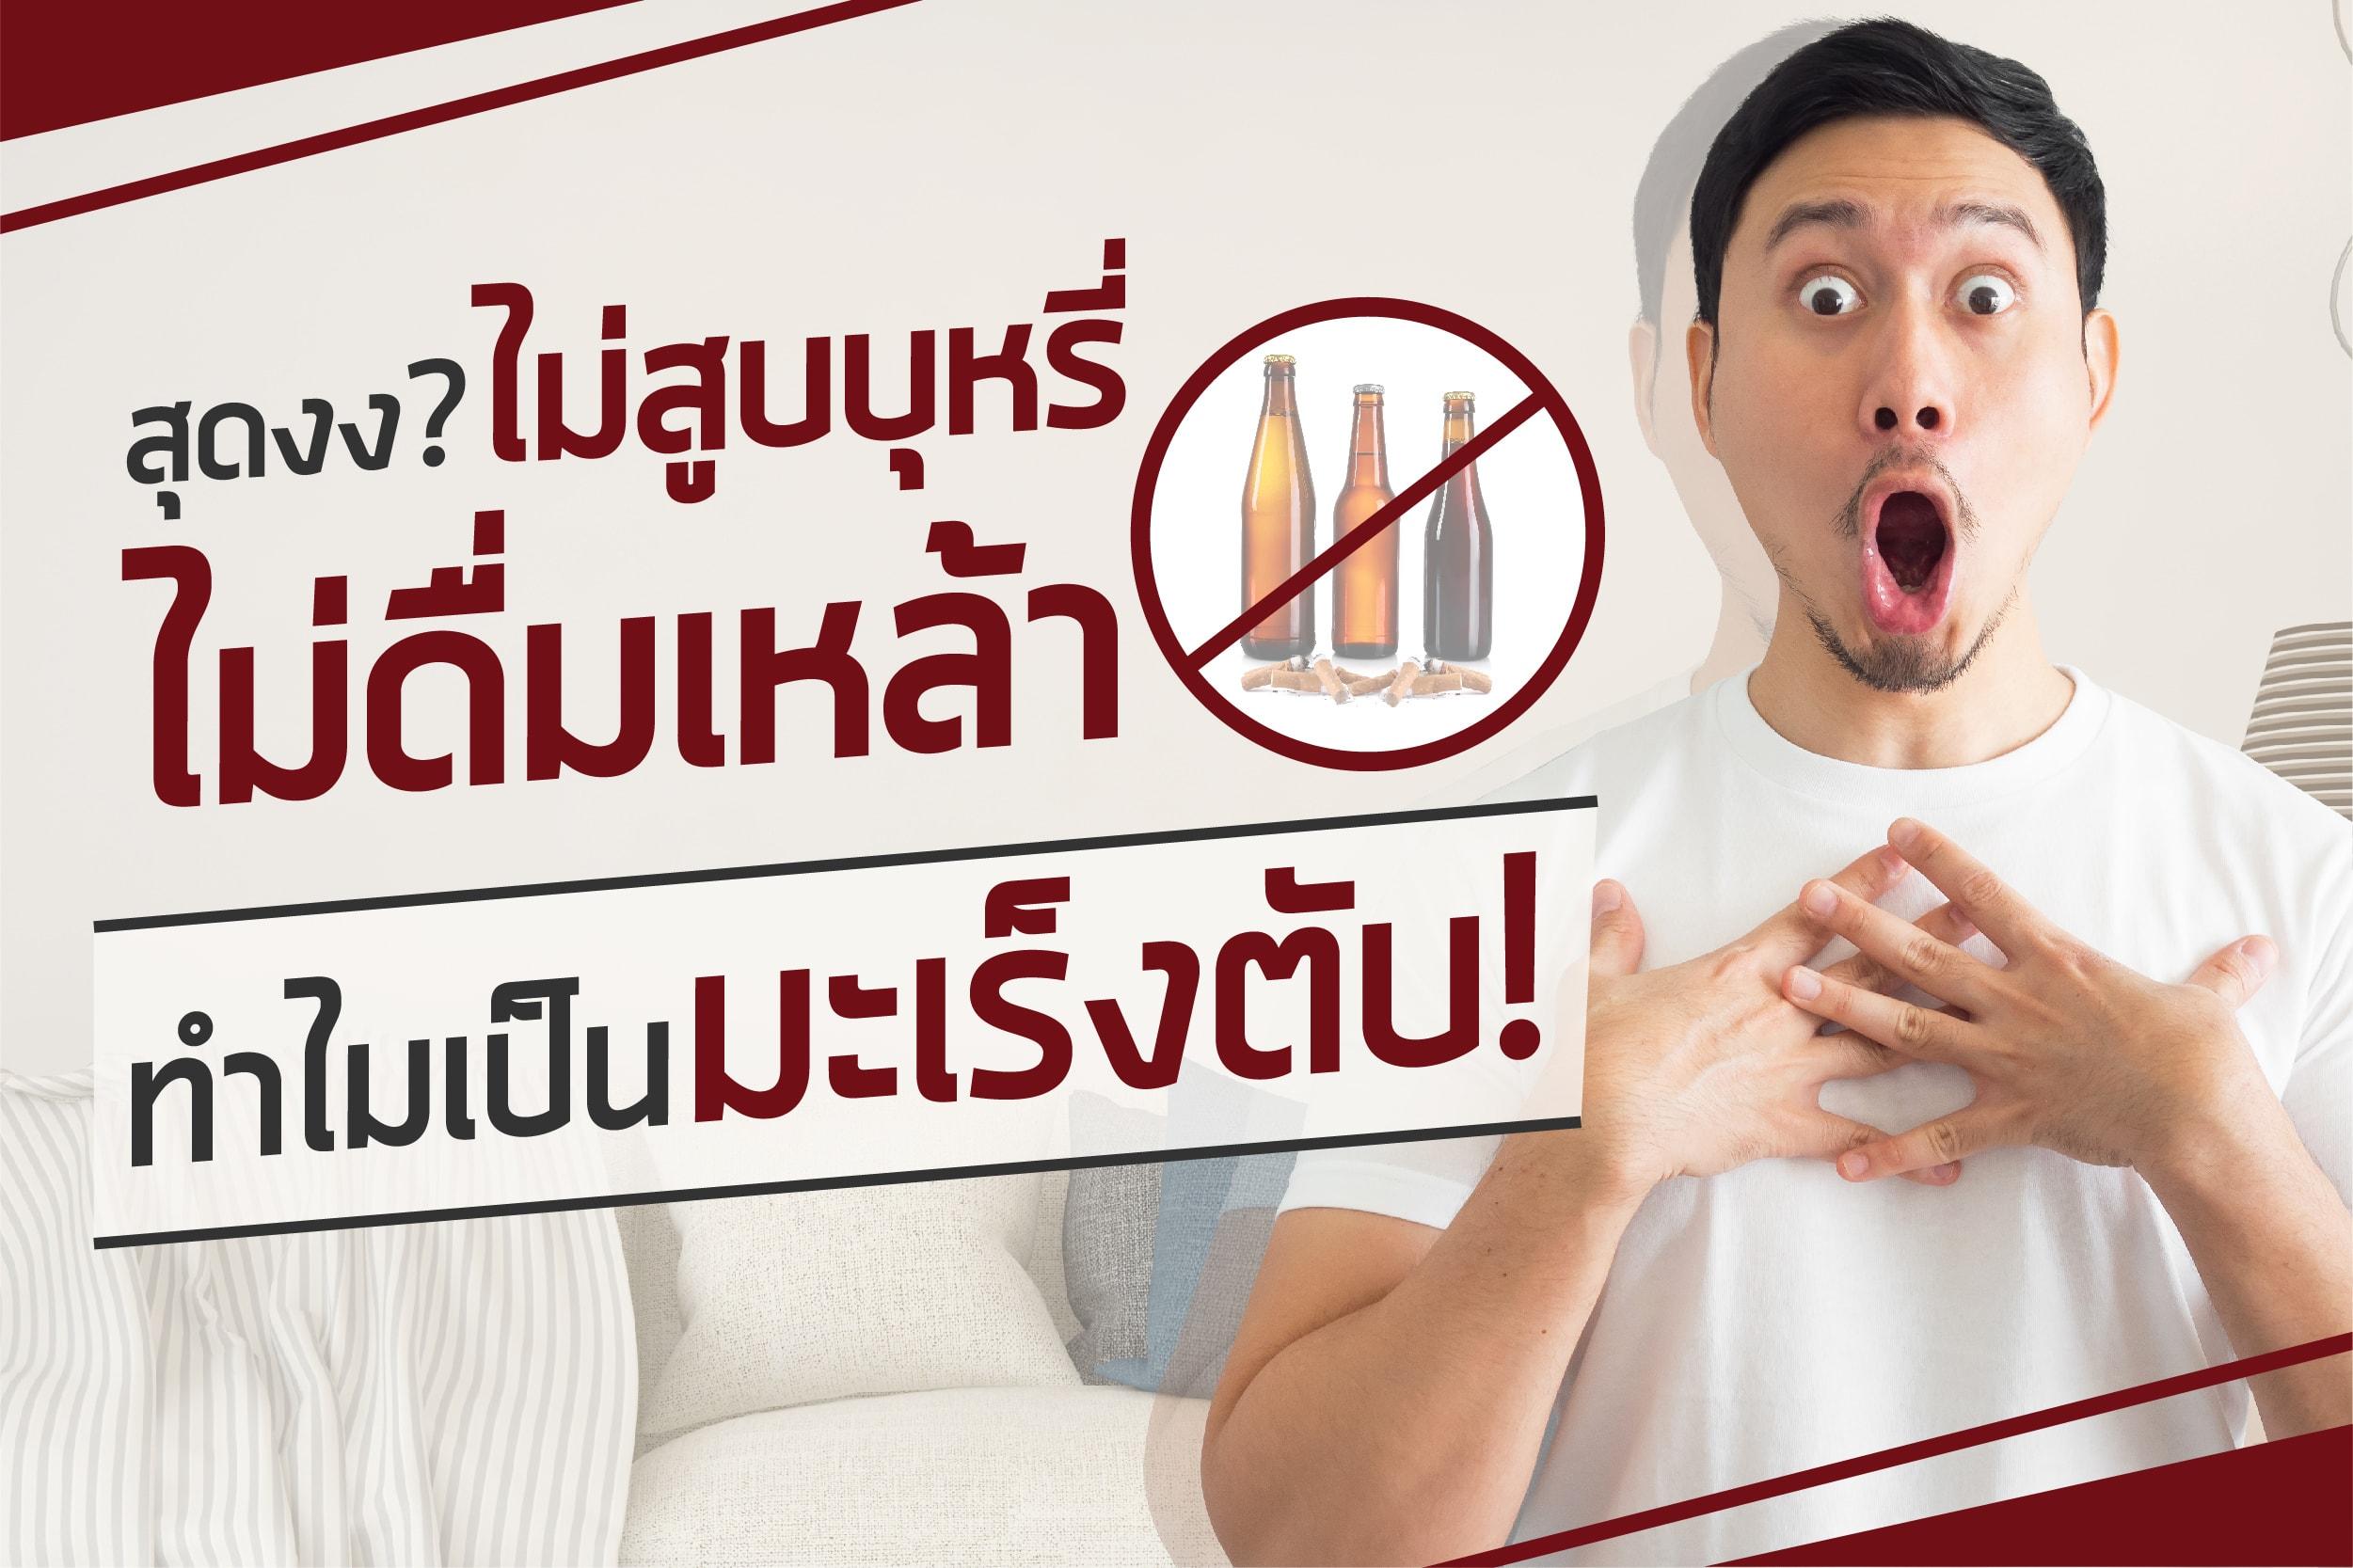 สุดงง? ไม่สูบบุหรี่ ไม่ดื่มเหล้า ทำไมเป็นมะเร็งตับ!